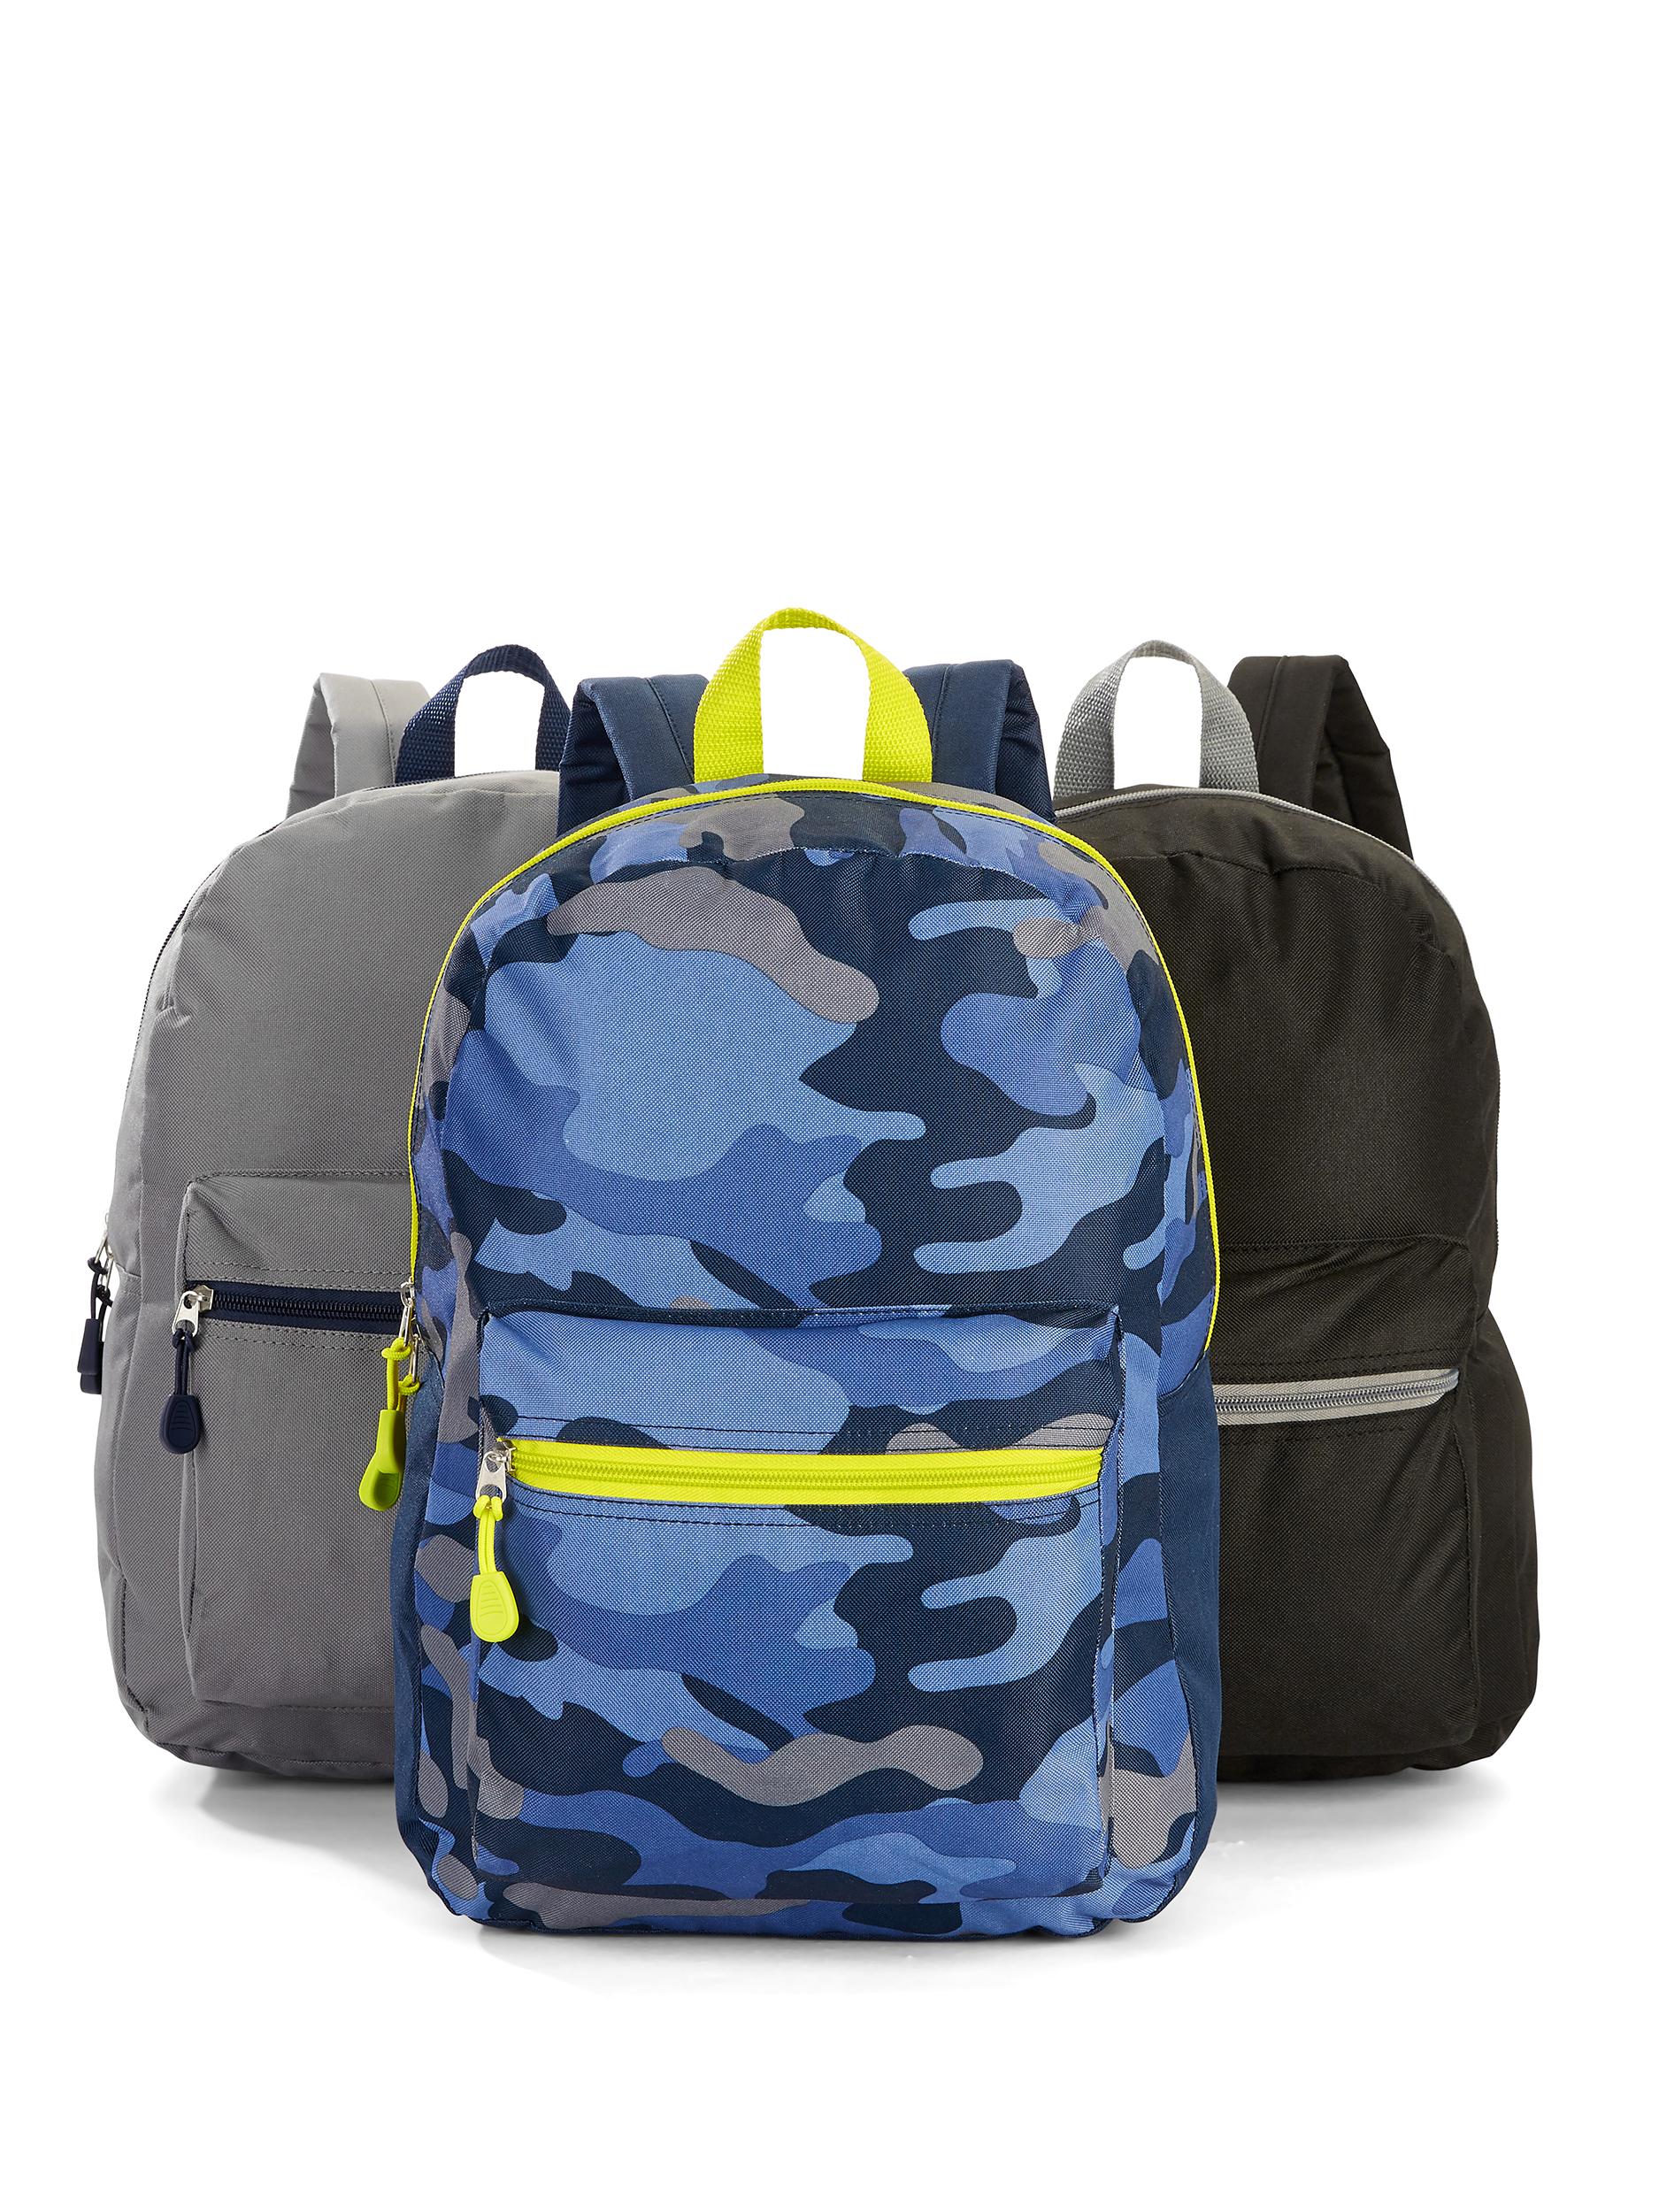 3 Backpacks! Wonder Nation Bundle of 3 Boys Backpacks (camo, grey, black) $10